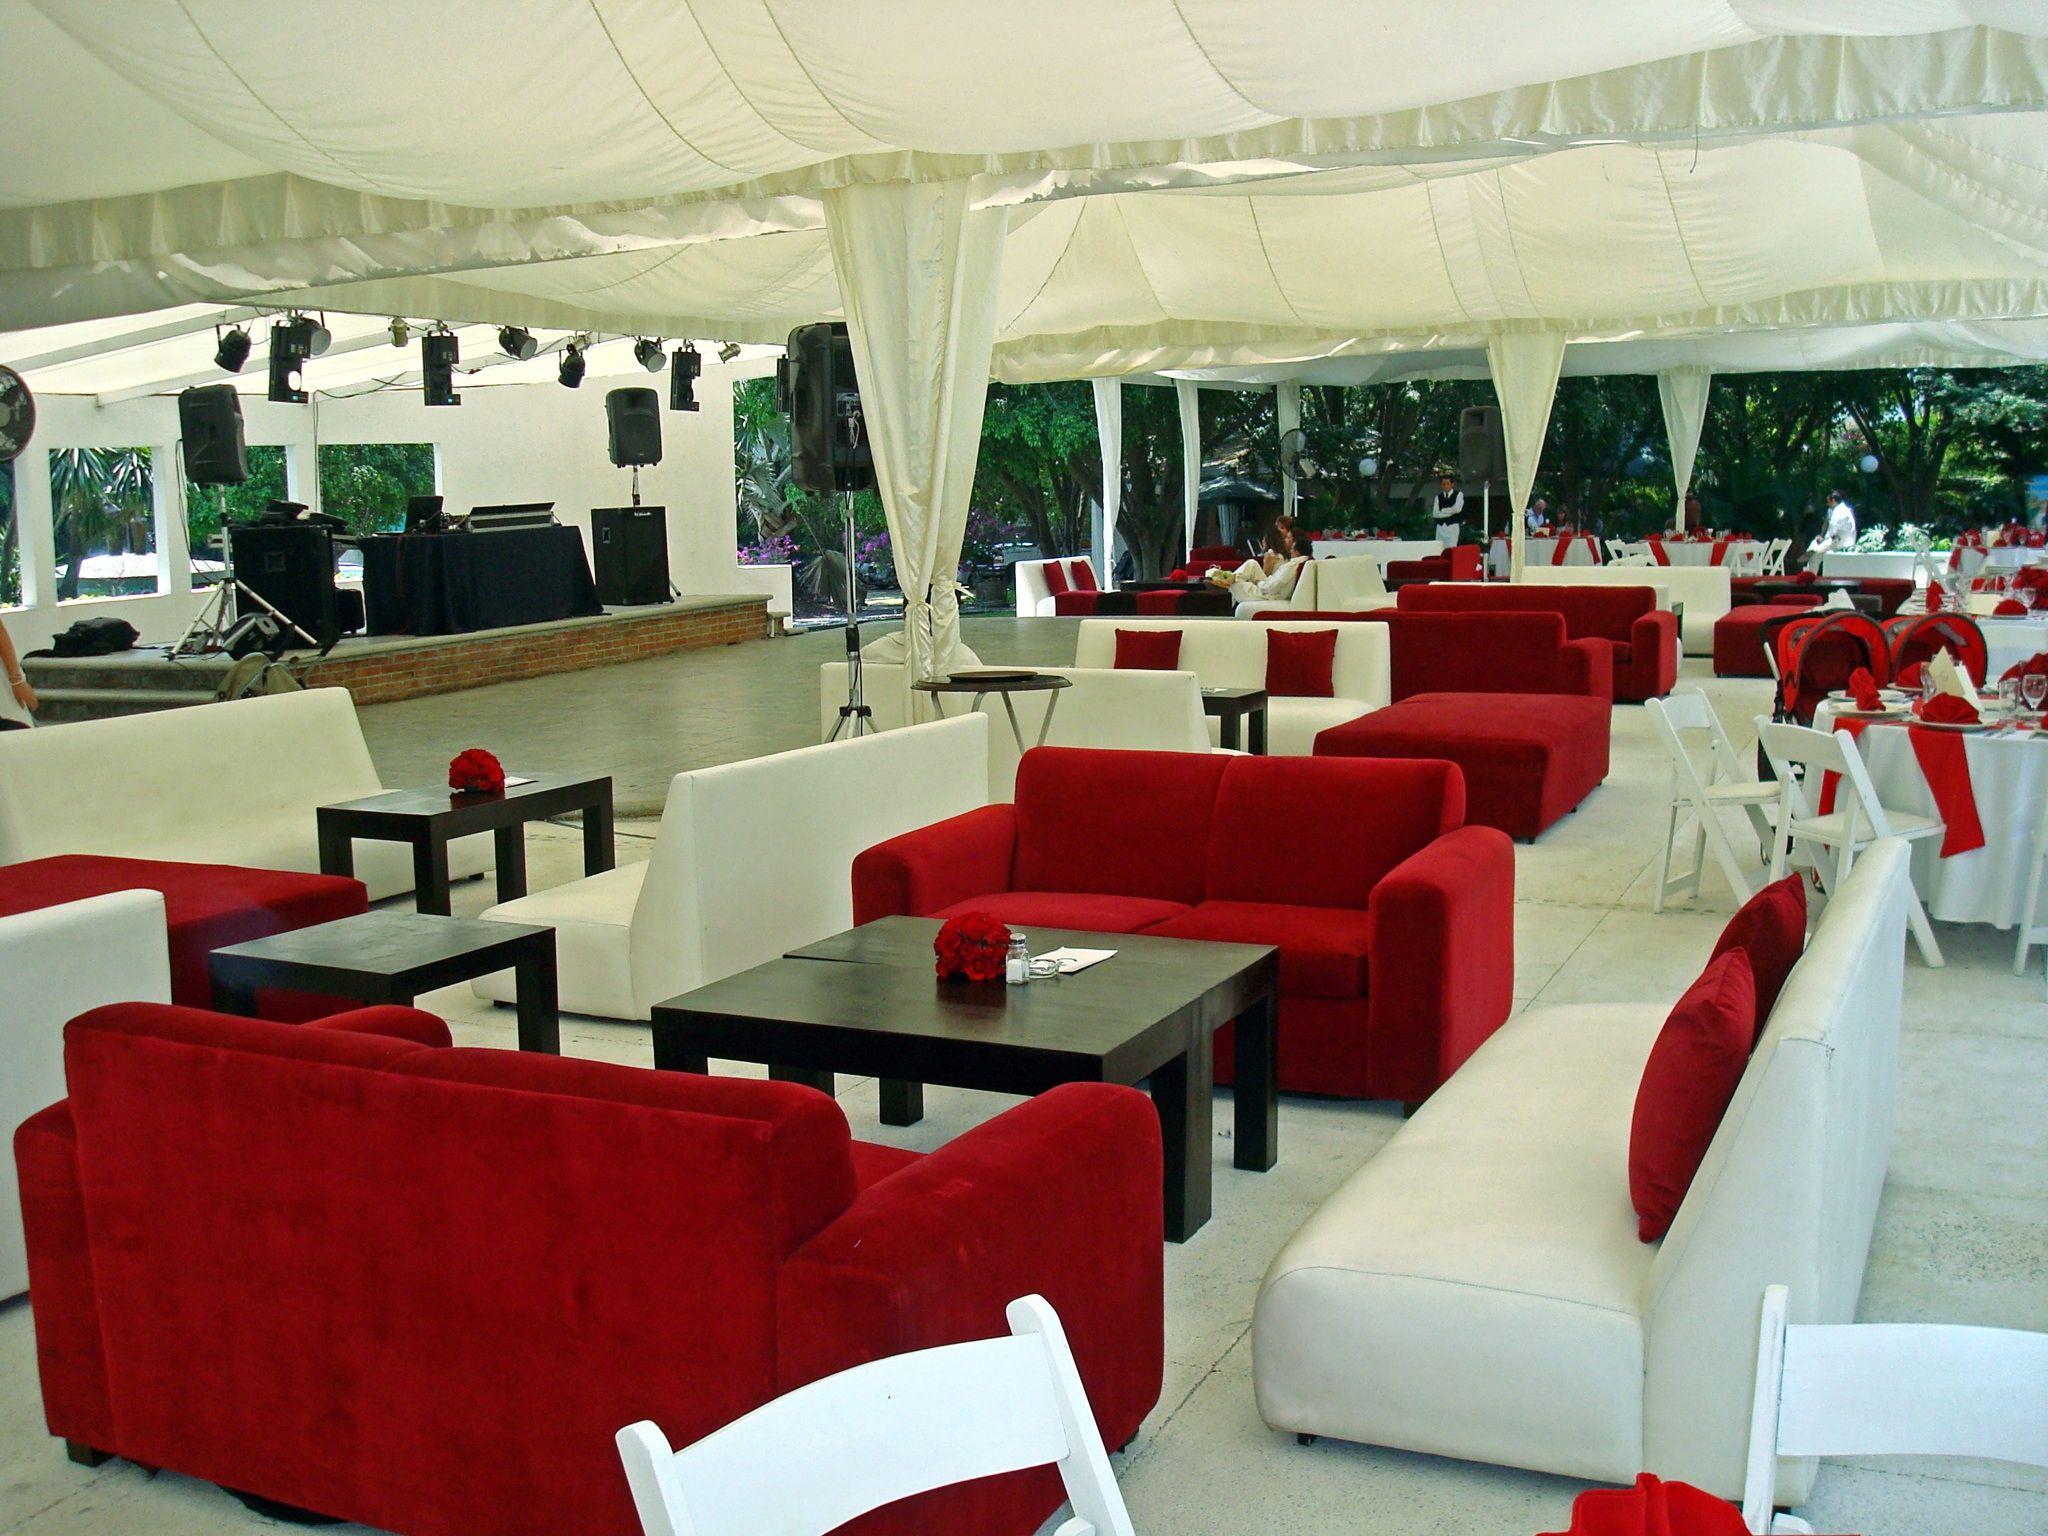 Salas Dentro De La Carpa En Lugar De Mesas O Para Un Montaje Mixto  # Muebles Lounge Para Eventos